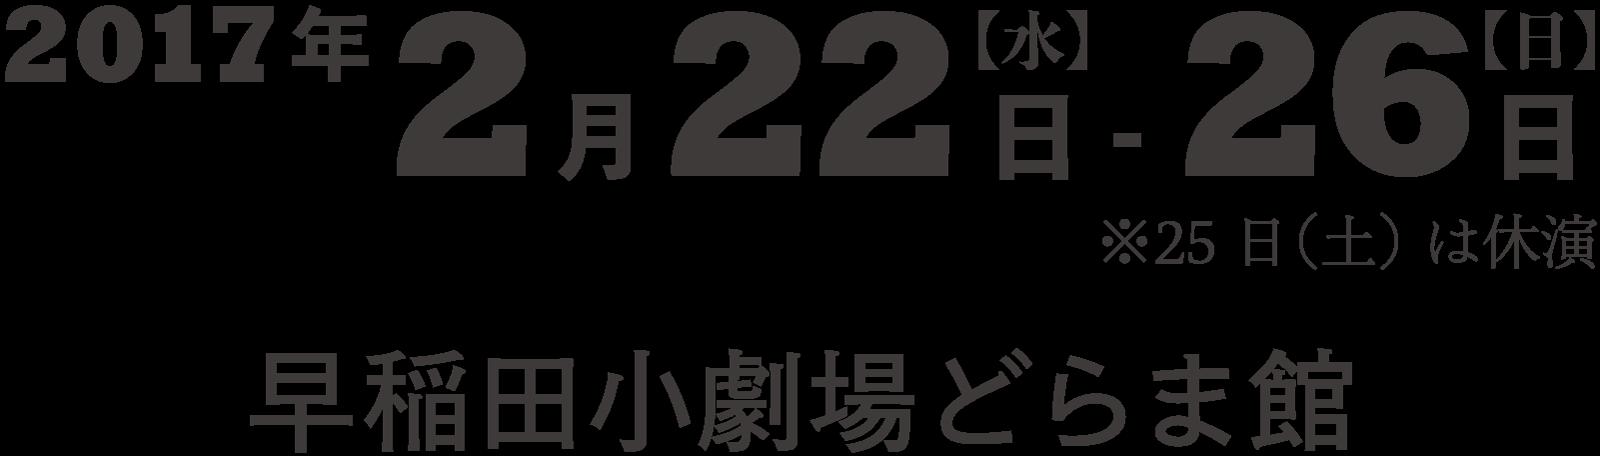 2017年2月22日(水)–26日(日)※25日休演 早稲田小劇場どらま館